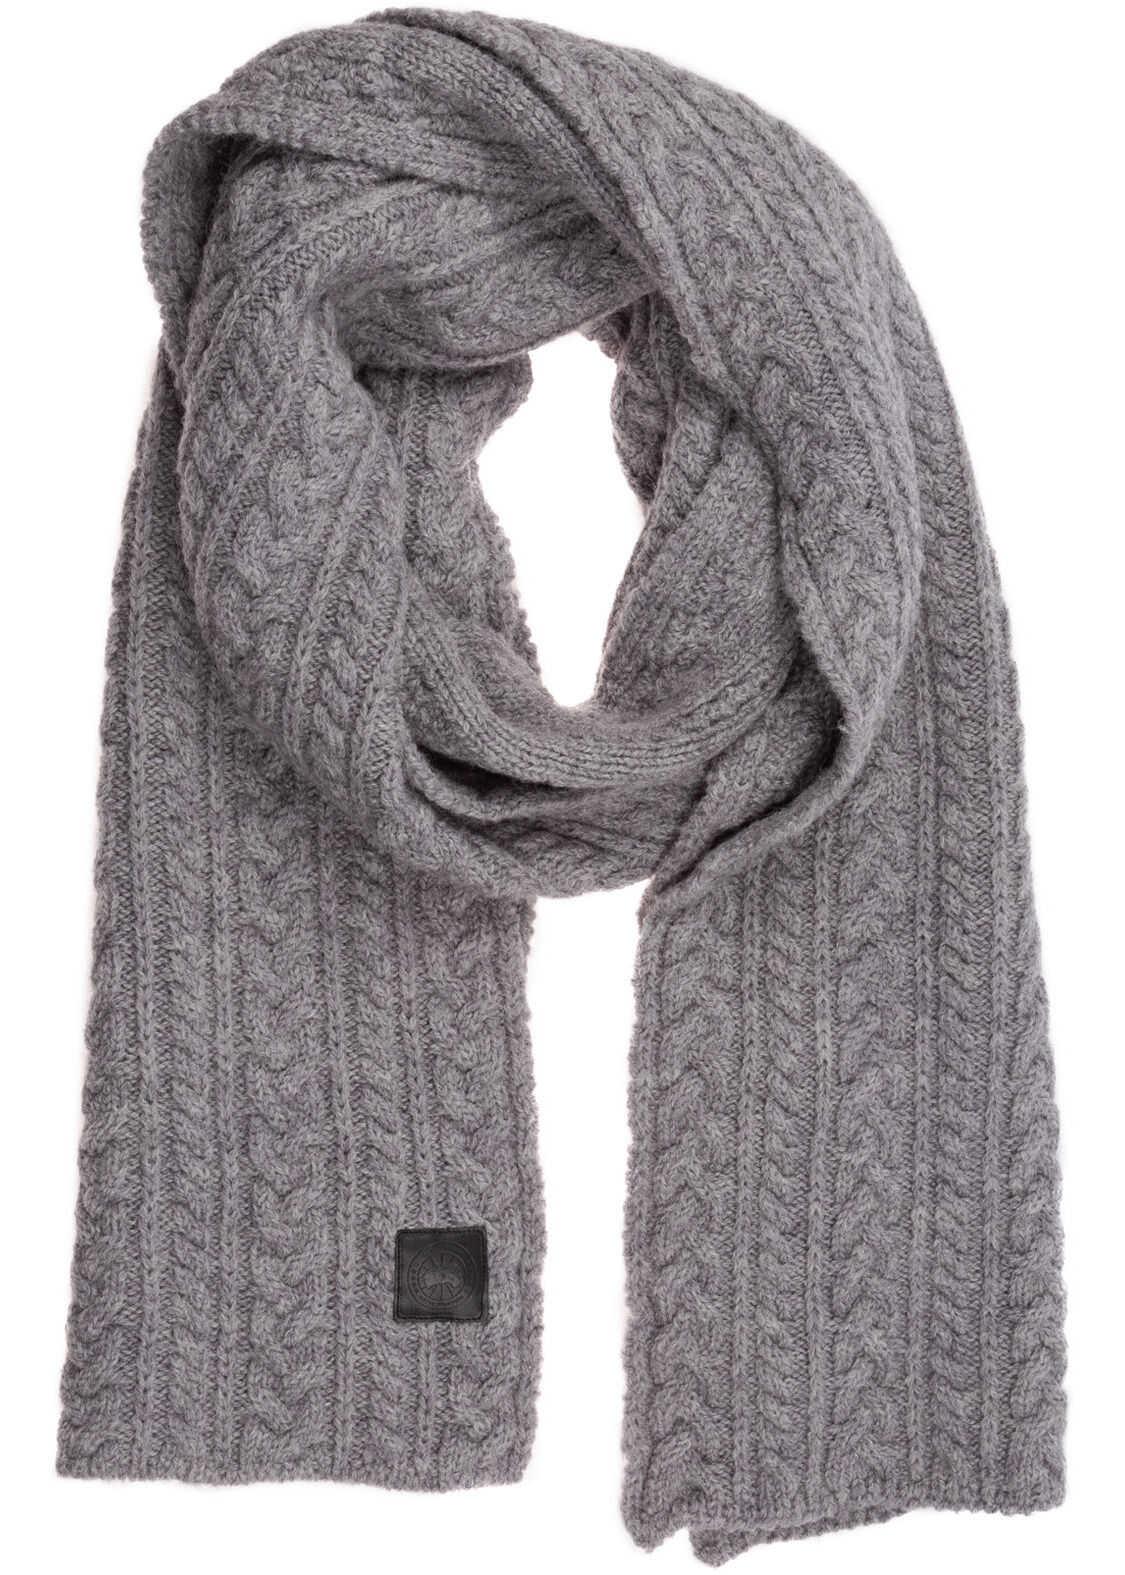 CANADA GOOSE Wool Scarf Grey